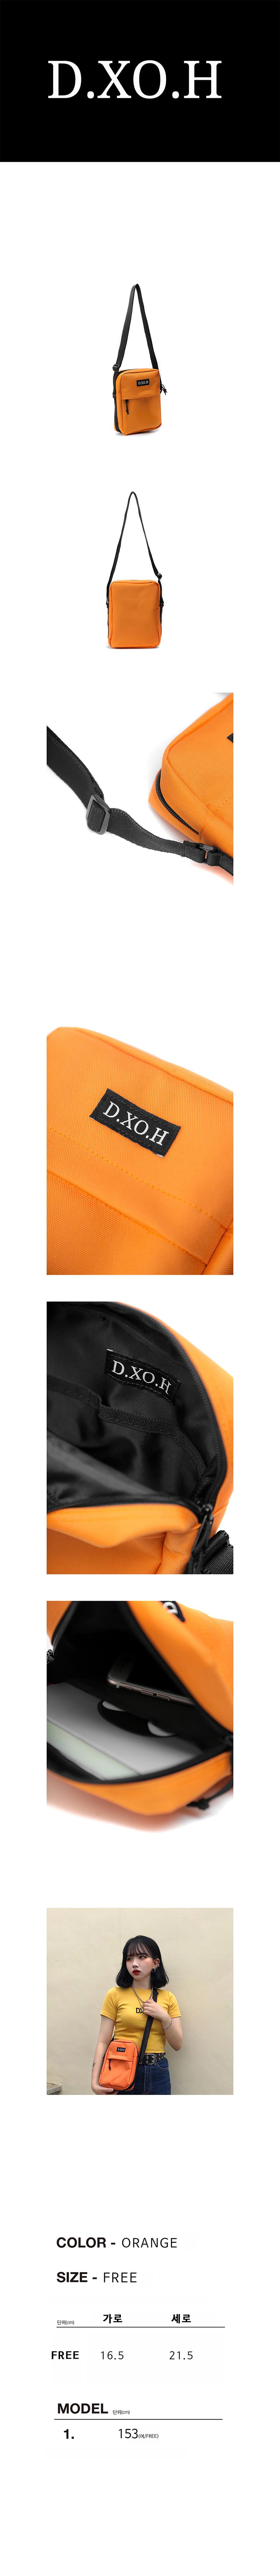 오렌지 900.jpg